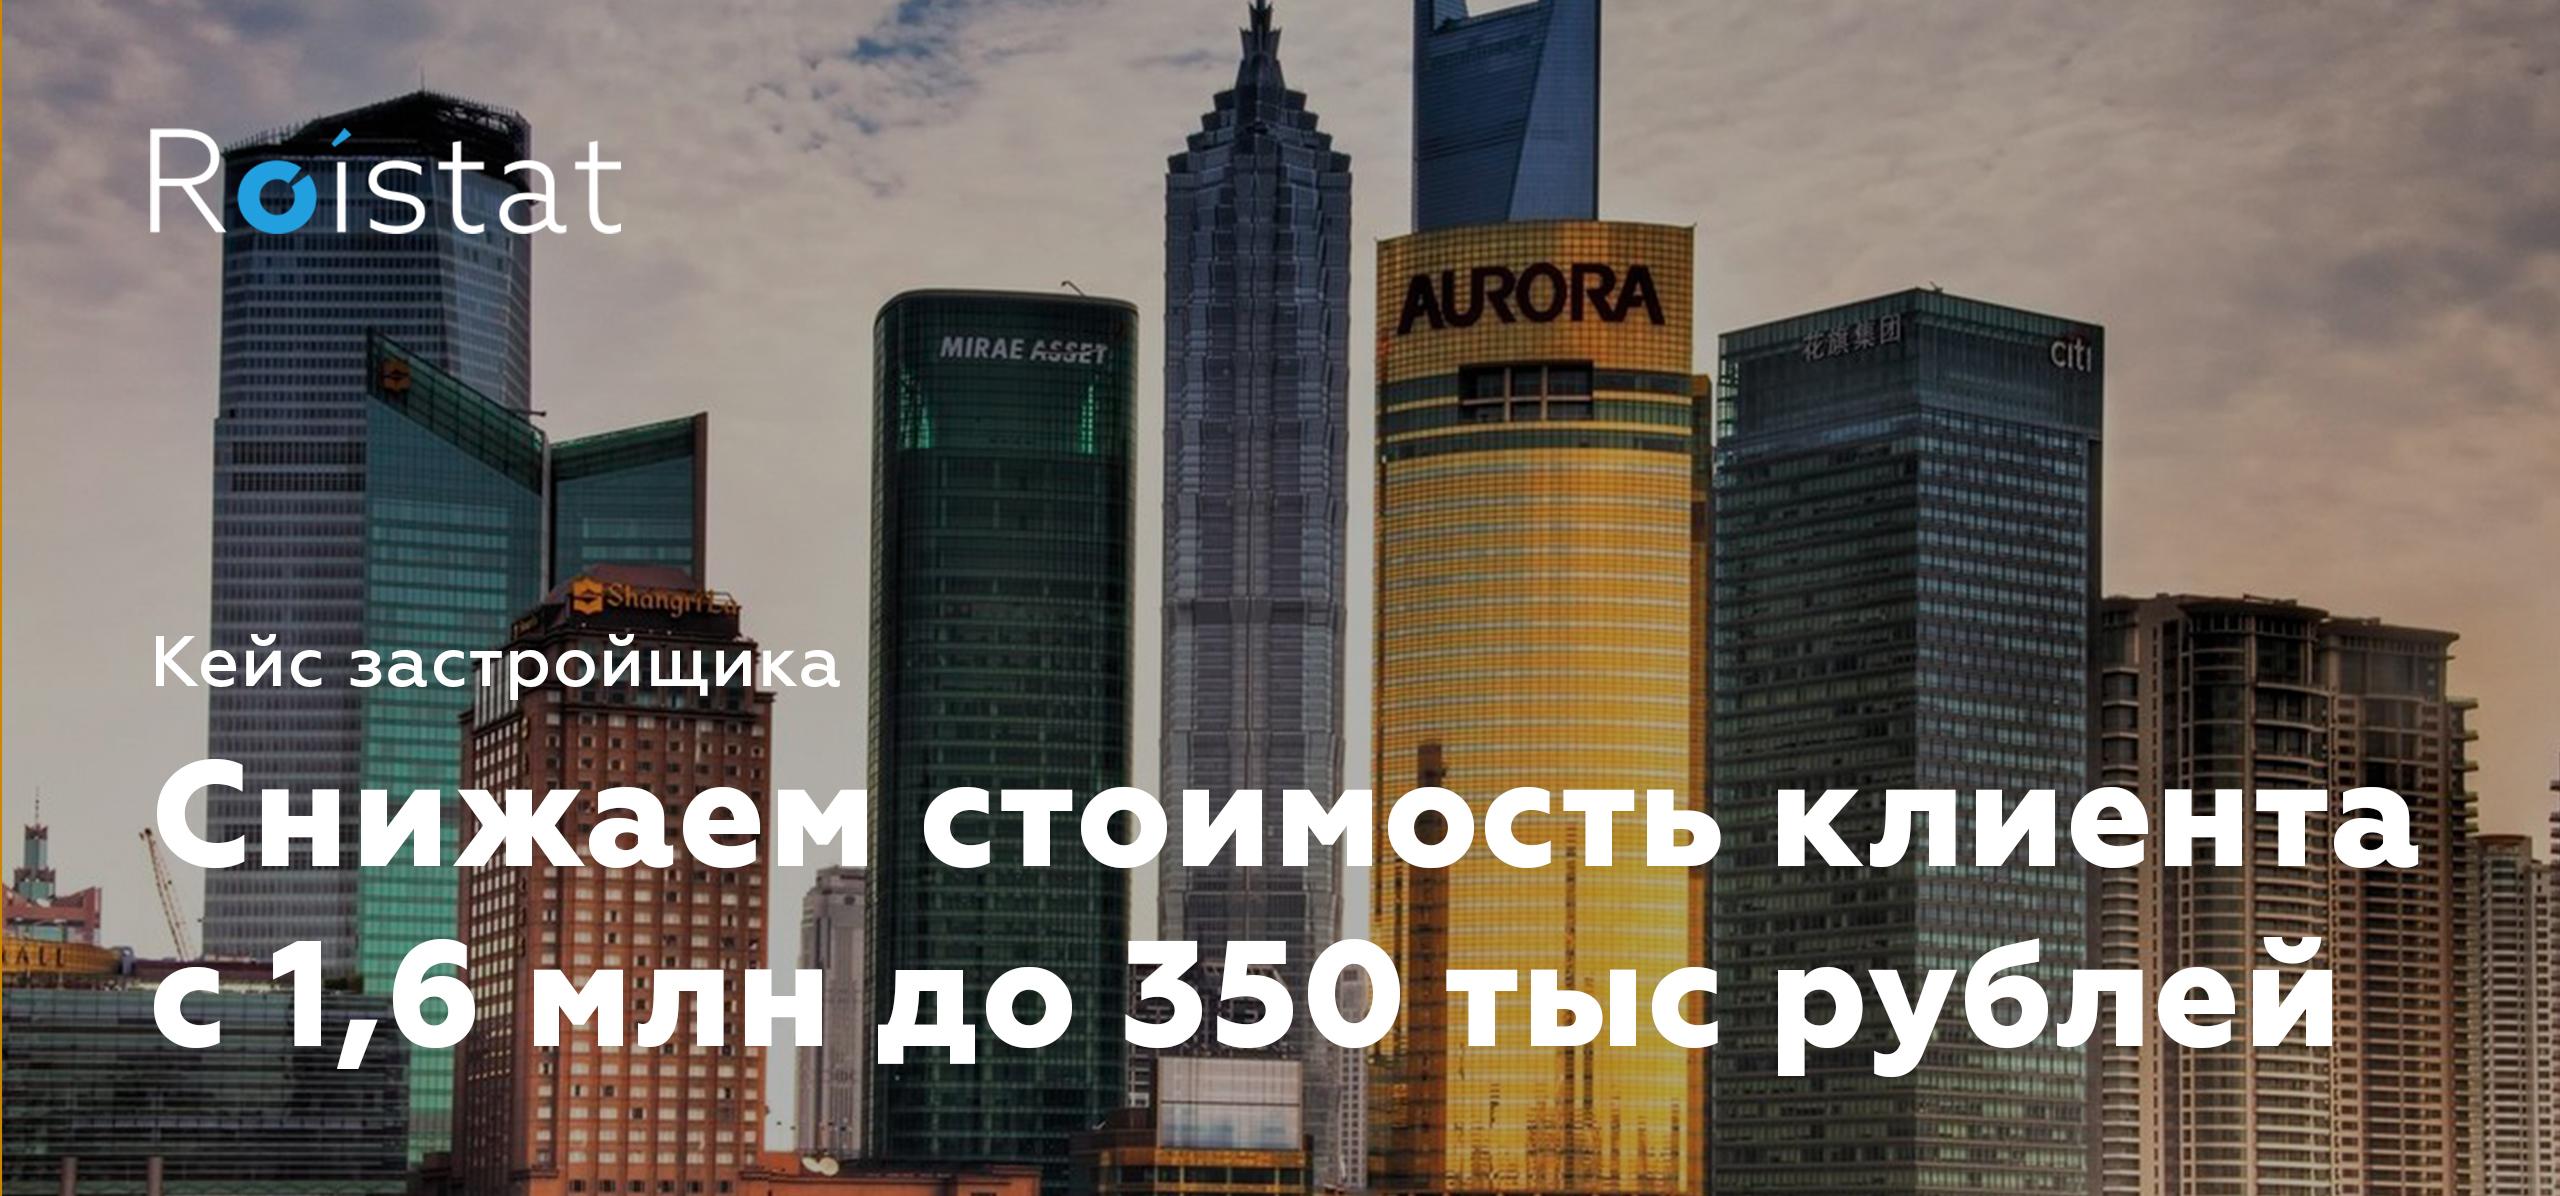 Кейс компании-застройщика. Снижение CPO с 1,6 млн до 350 тысяч рублей